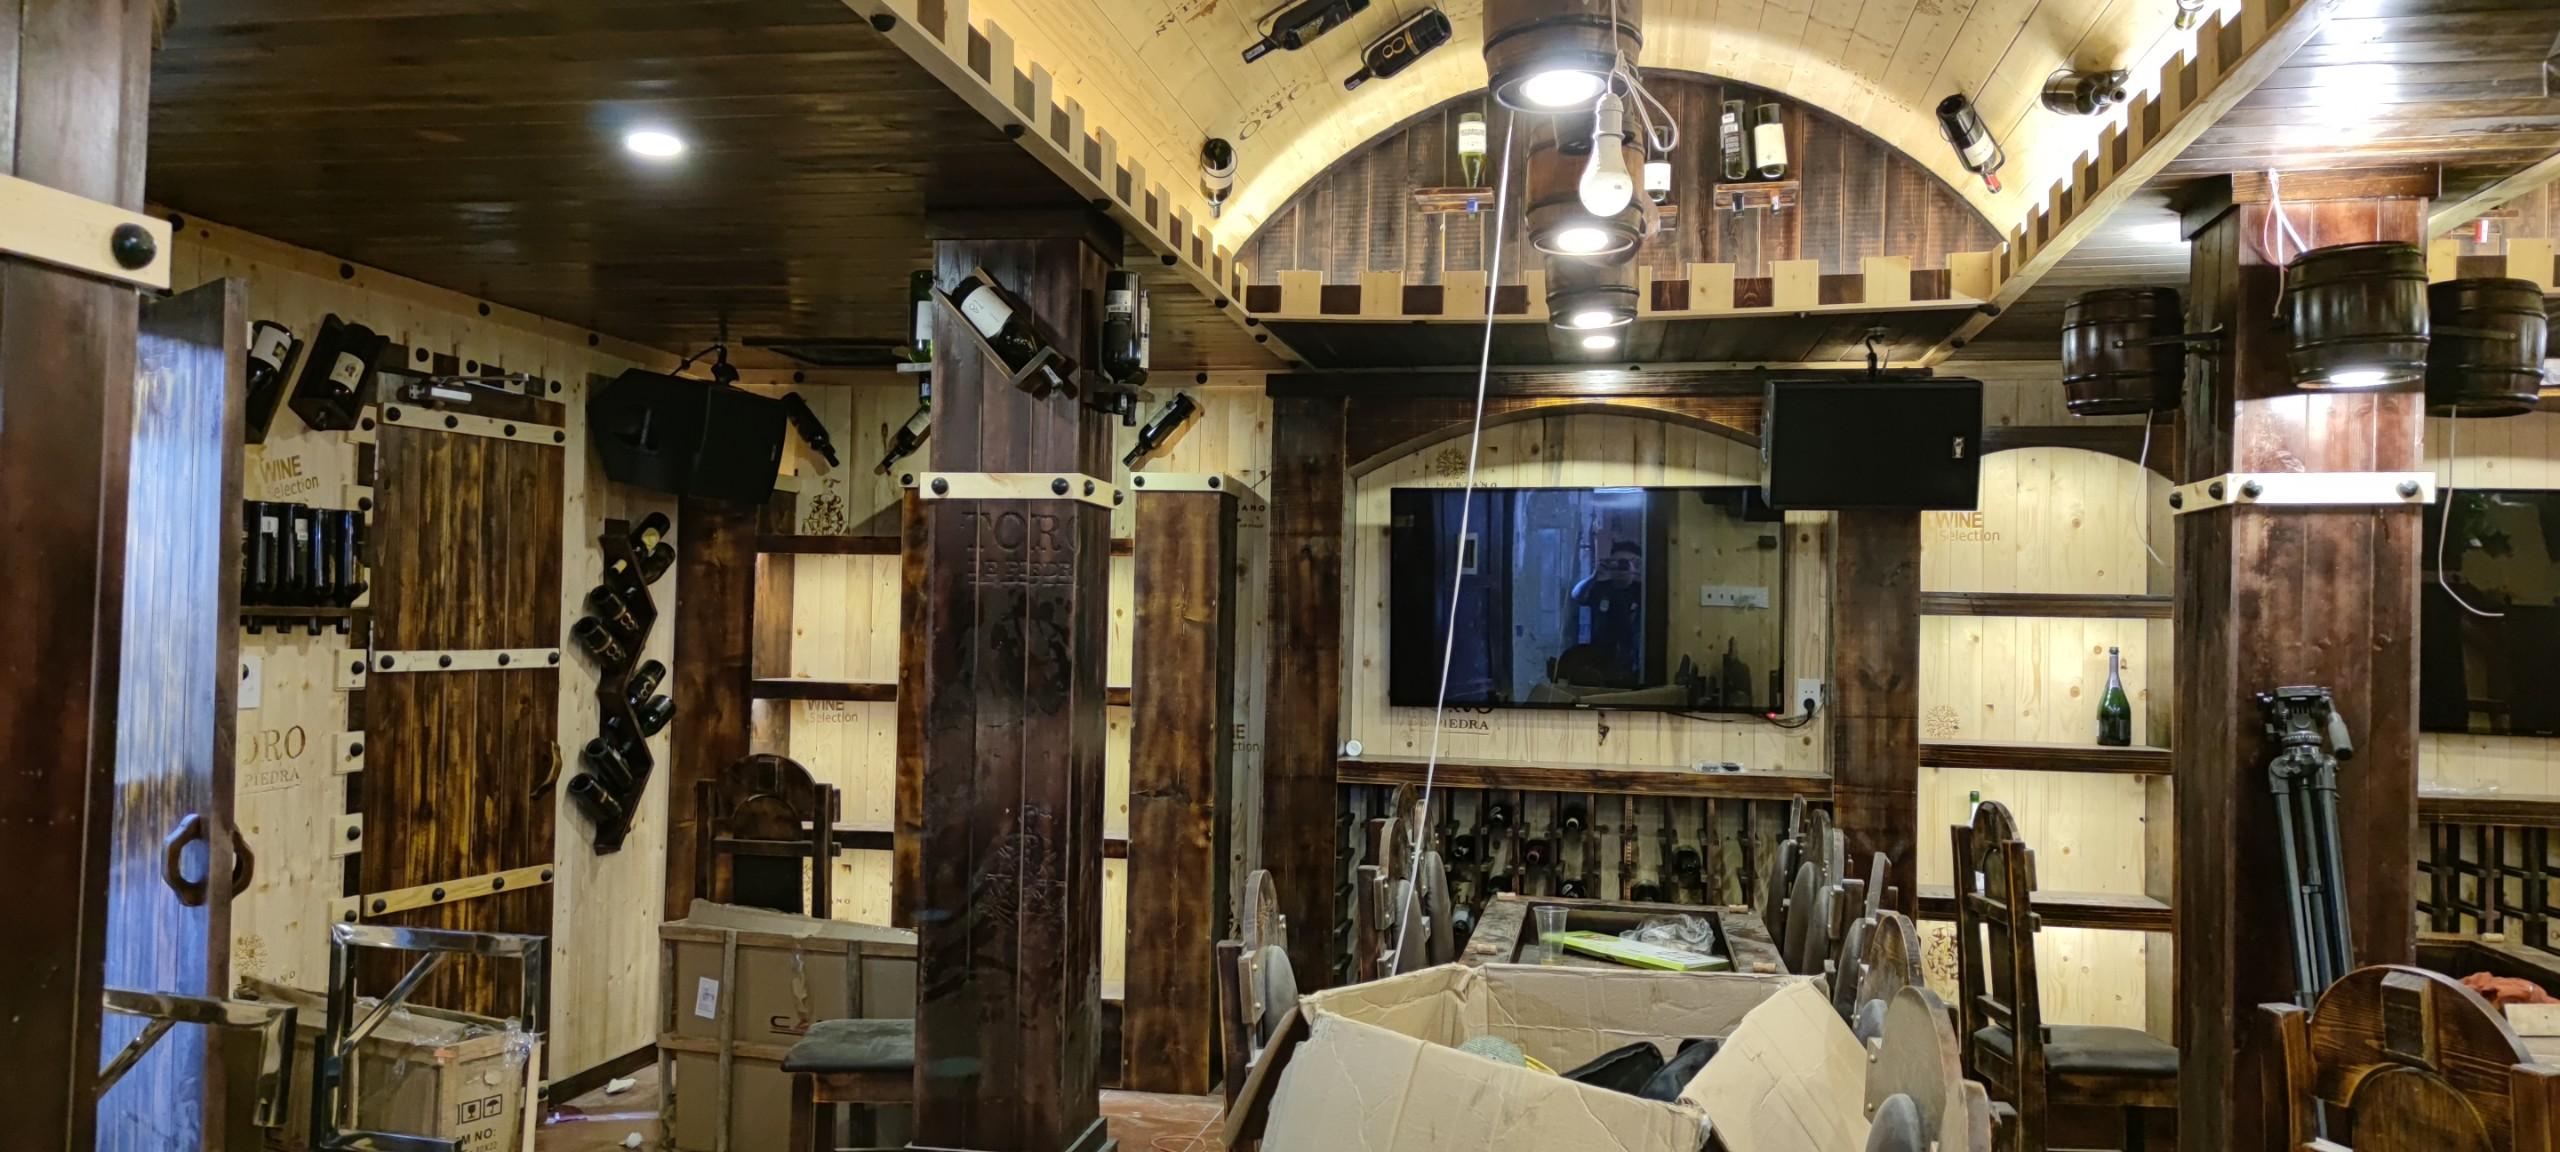 Dự án Lắp đặt hệ thống âm thanh Next tại nhà hàng Cao cấp ở Bình Dương